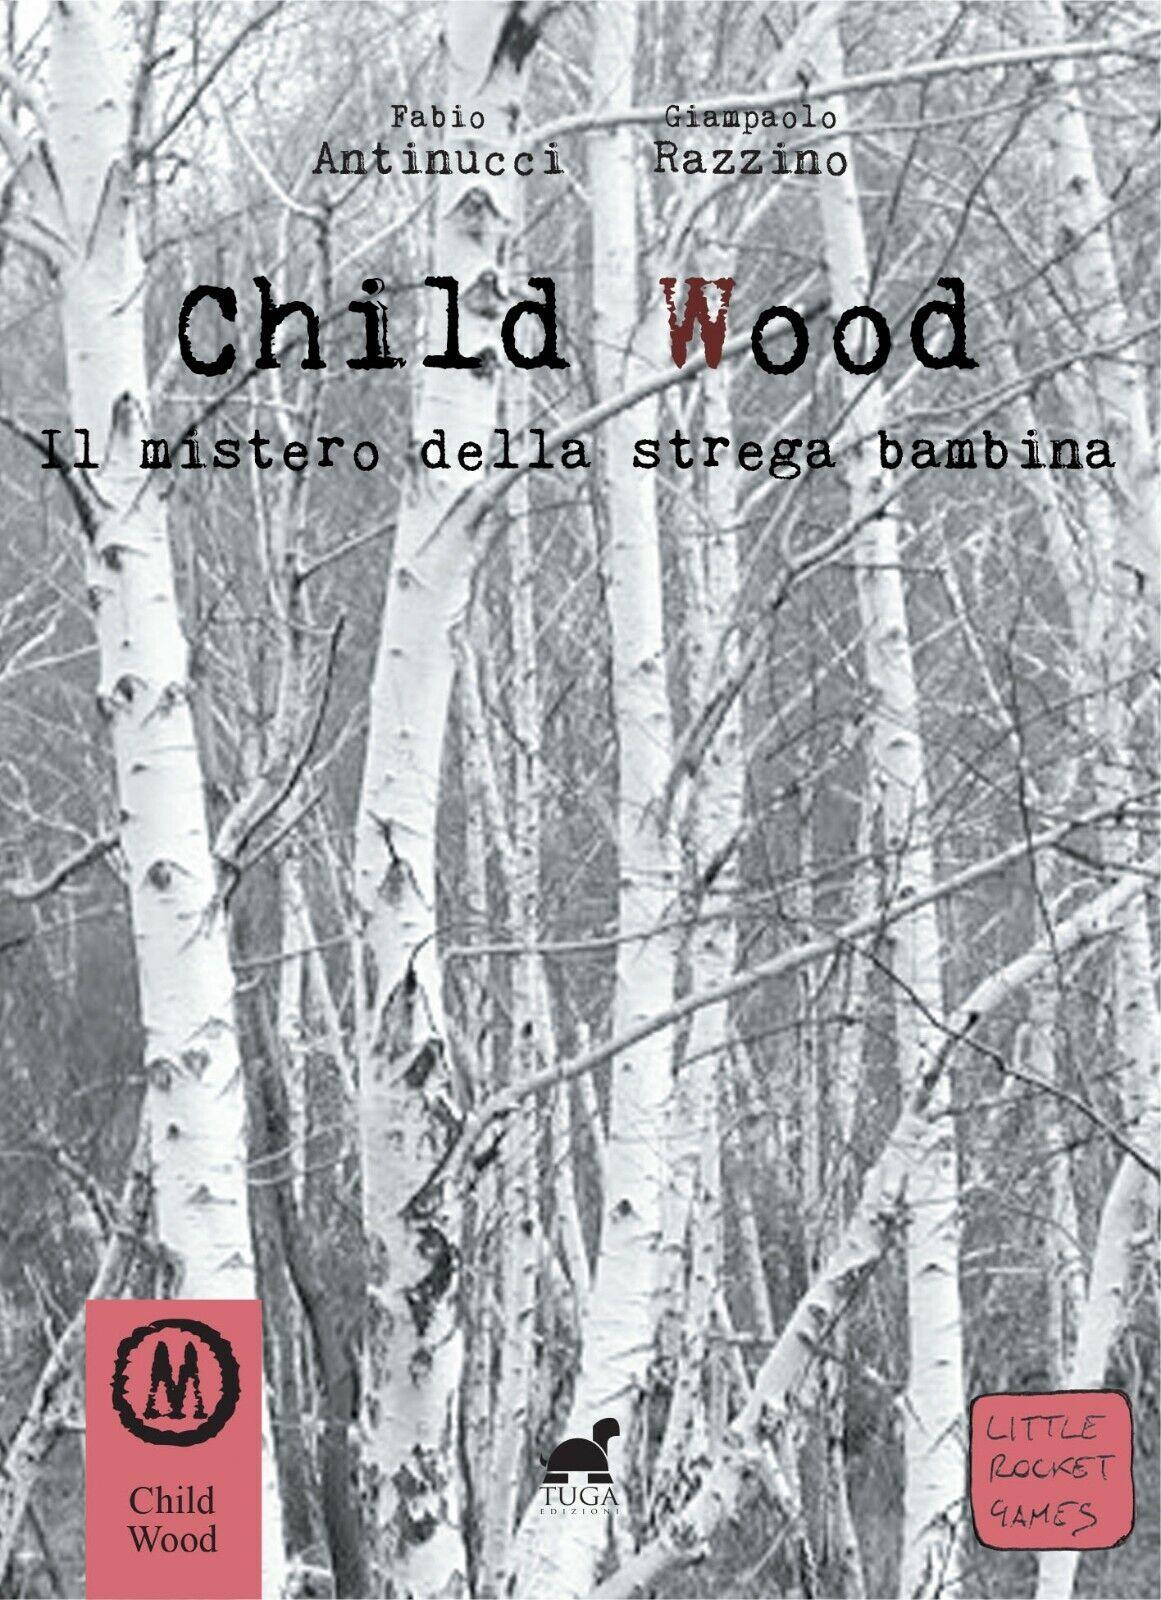 Child Wood, il mistero della strega bambina